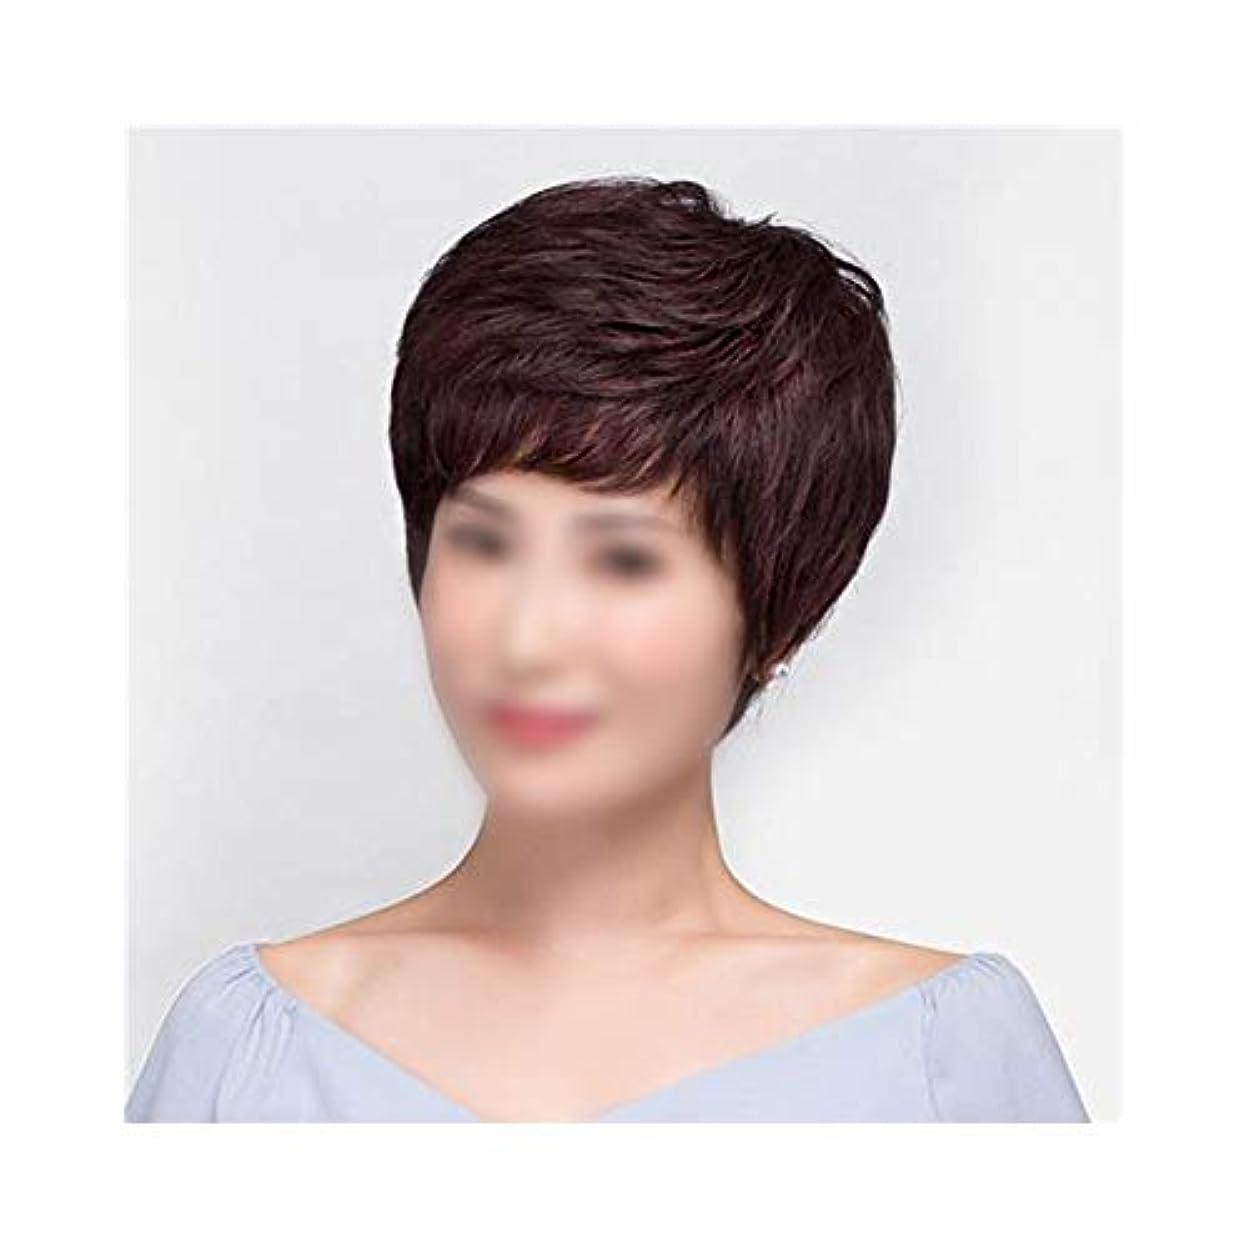 思い出紛争頼むYOUQIU 母のギフトかつら女性手織りの実髪の中年ウィッグ用ナチュラルふわふわショートカーリーヘア (色 : Natural black, Design : Double hand needle)